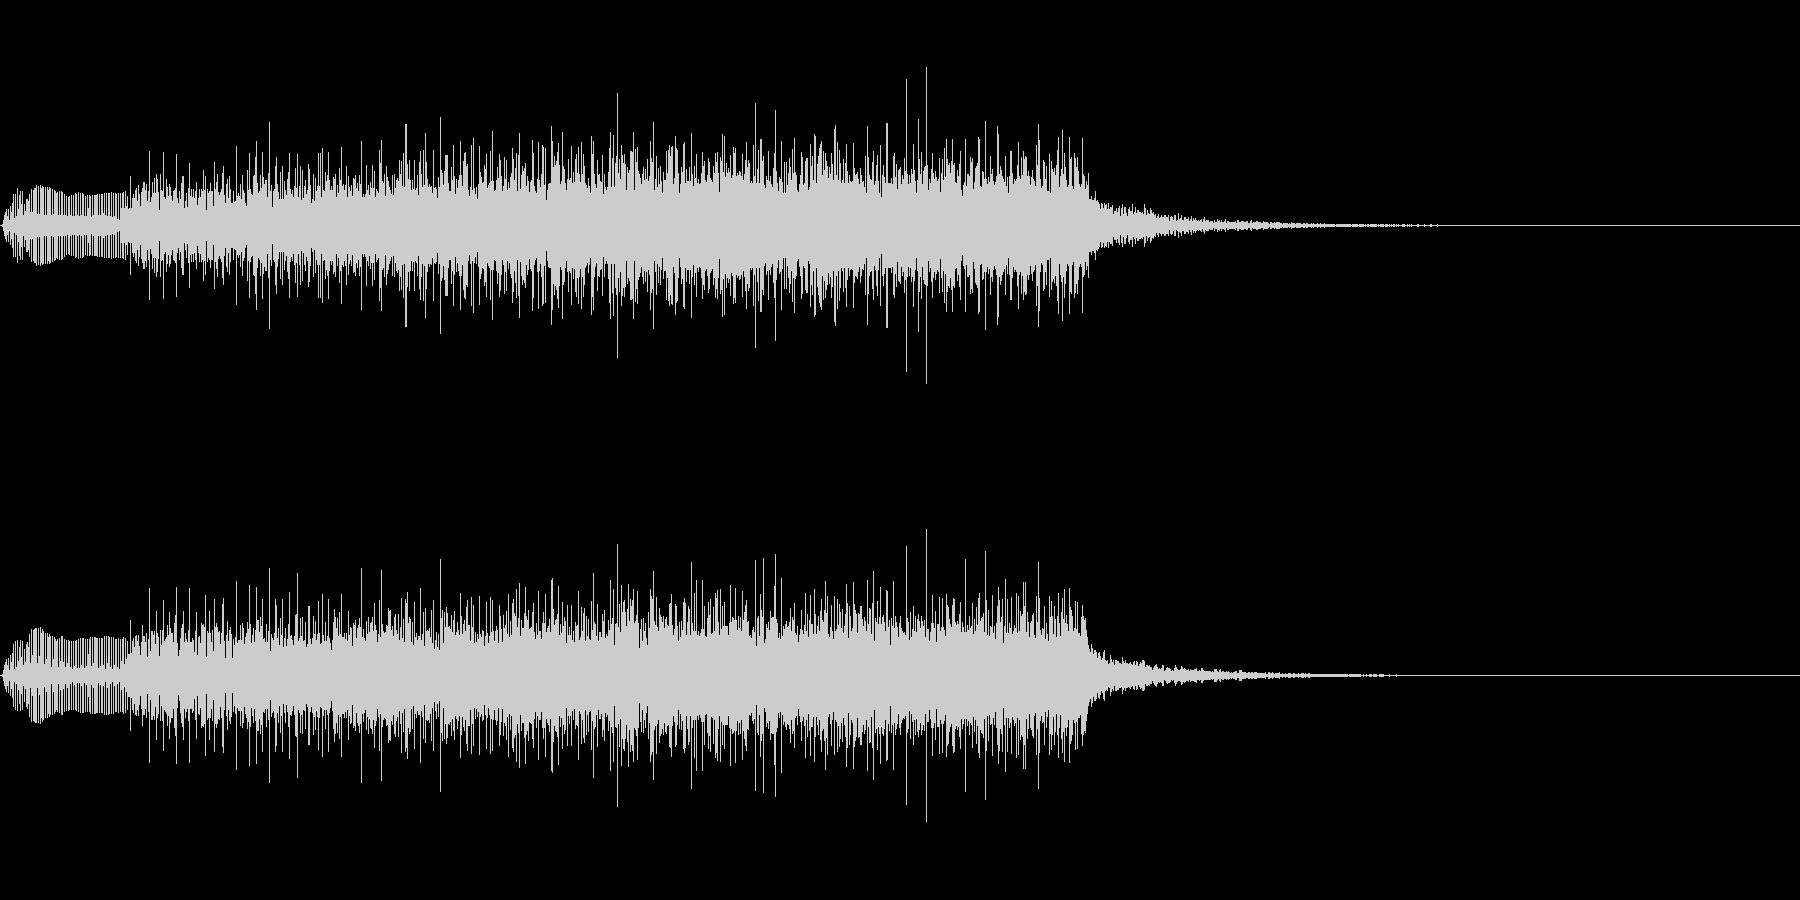 ジングル101lの未再生の波形